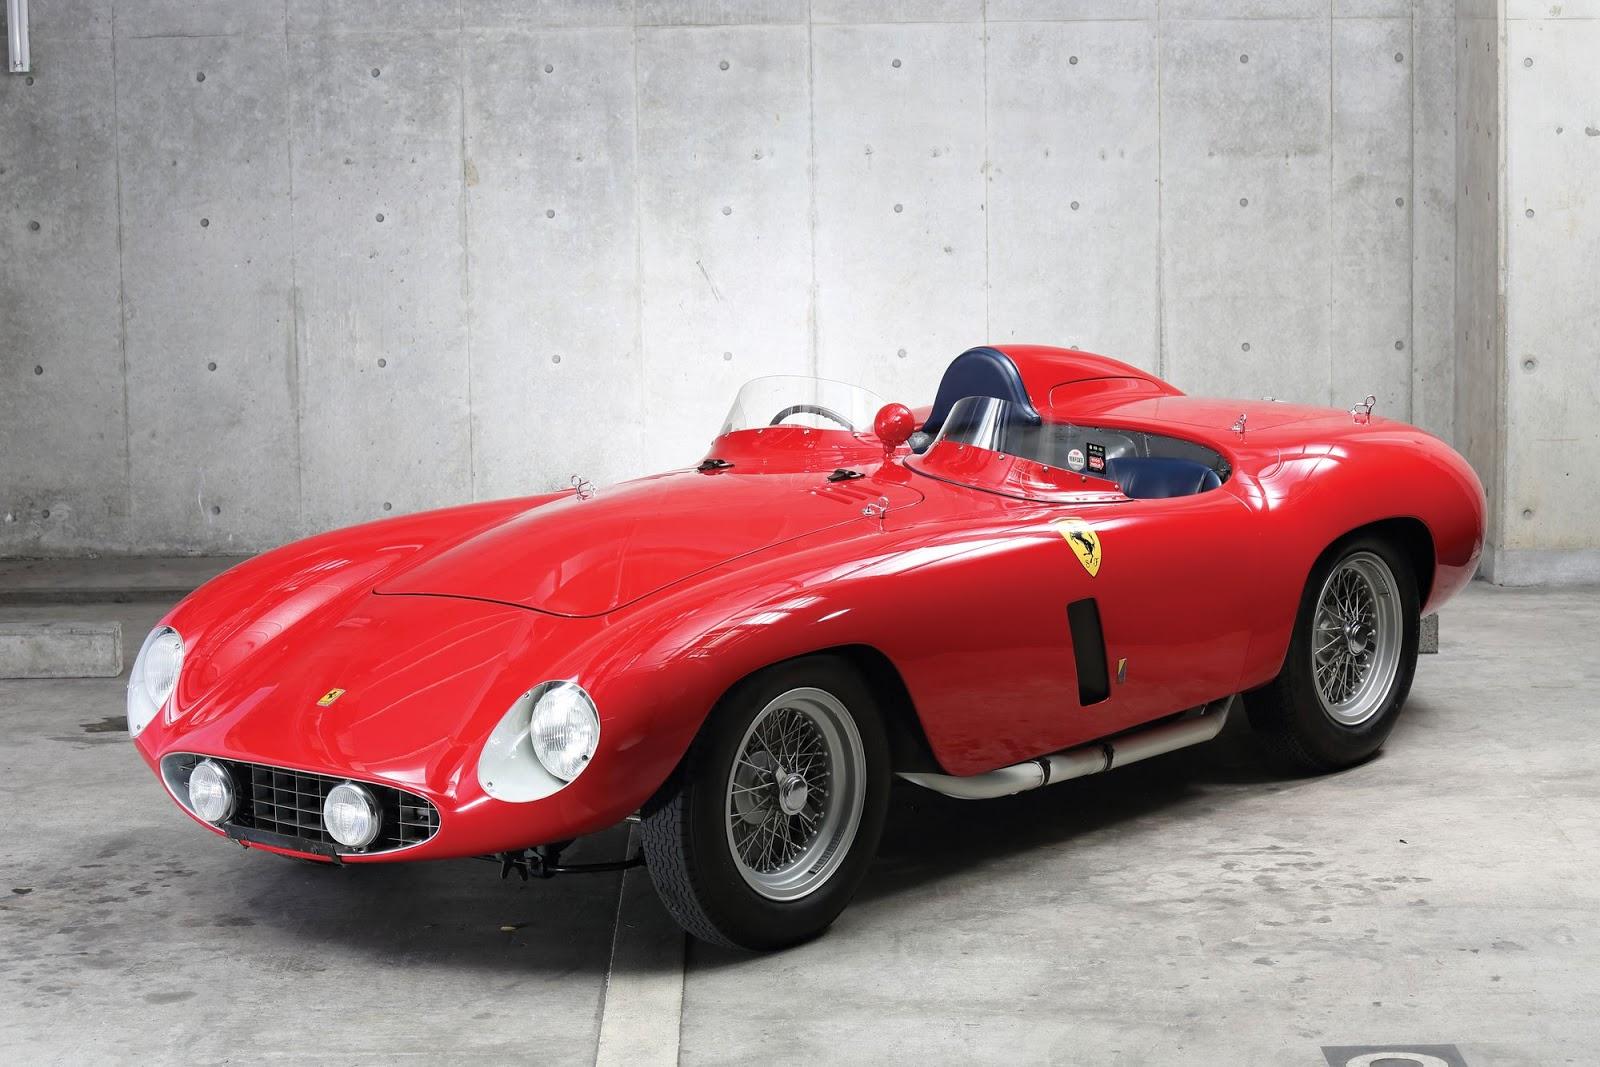 Ferrari-750-Monza-Scaglietti-1.JPG